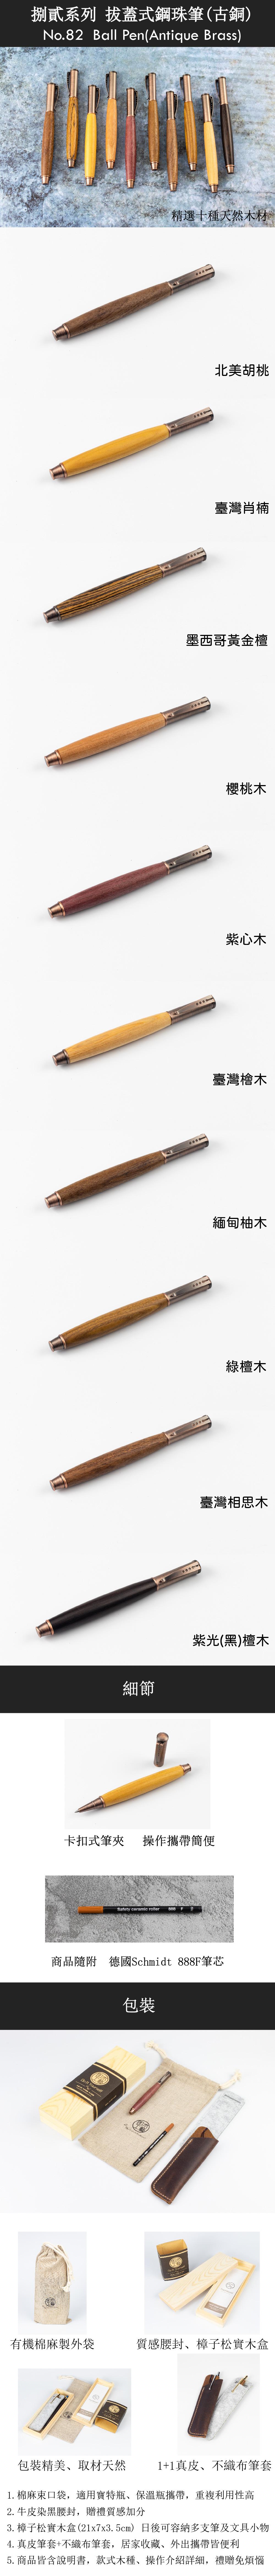 82拔蓋鋼珠筆(古銅)-01